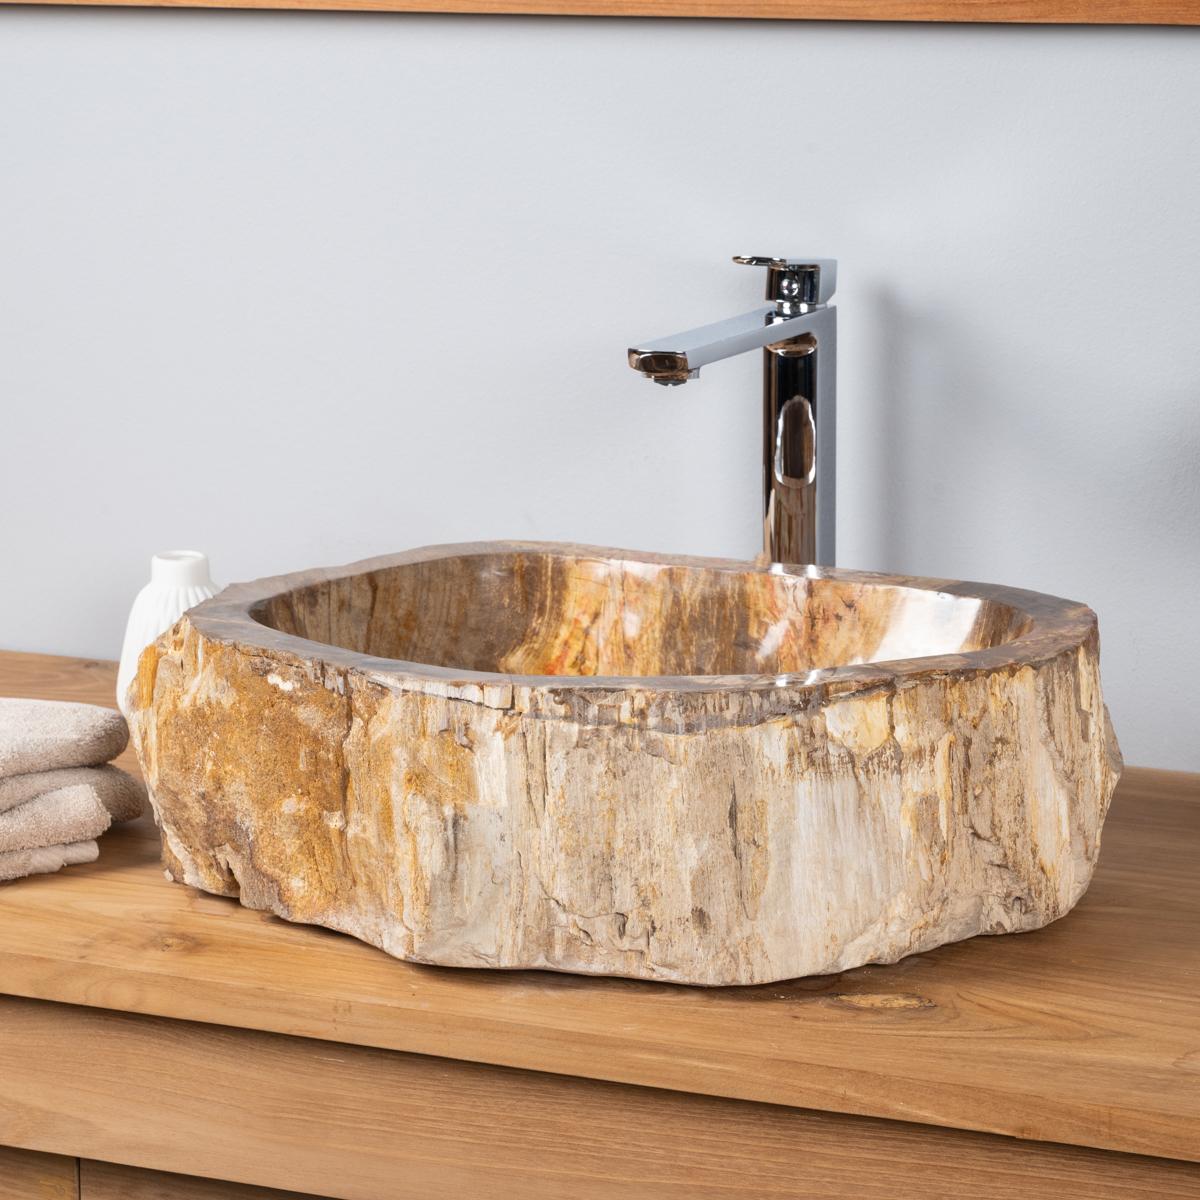 Vasque de salle de bain poser en bois p trifi fossilis 51 cm - Vasque salle de bain bois ...